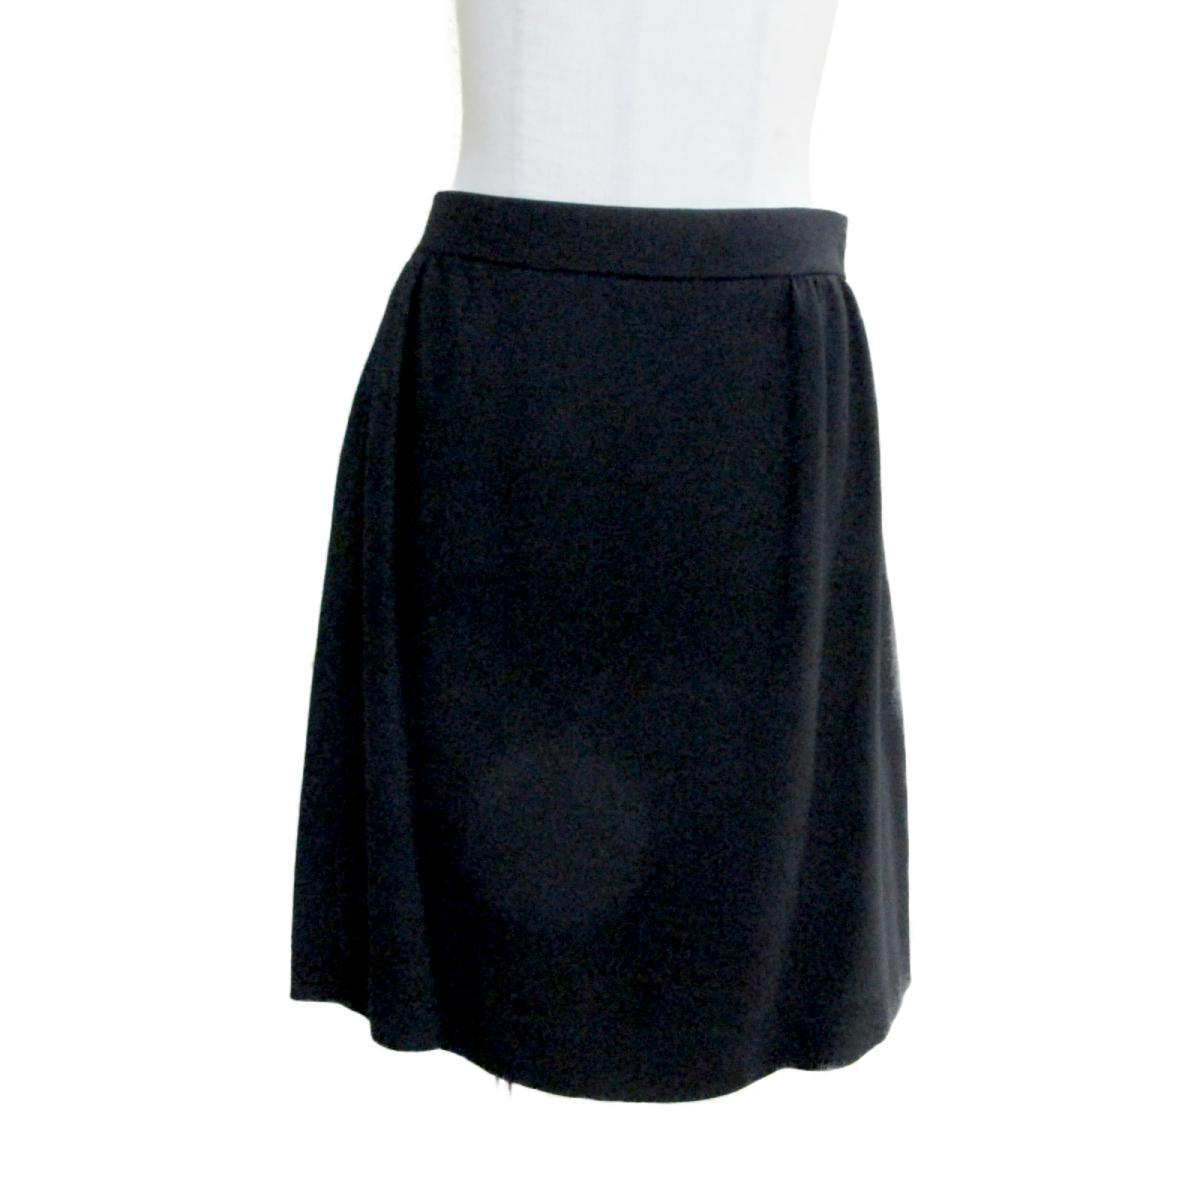 【中古】 ミュウミュウ スカート レディース 100%レーヨン ブラック | miu BRANDOFF ブランドオフ 衣料品 衣類 ブランド ボトムス